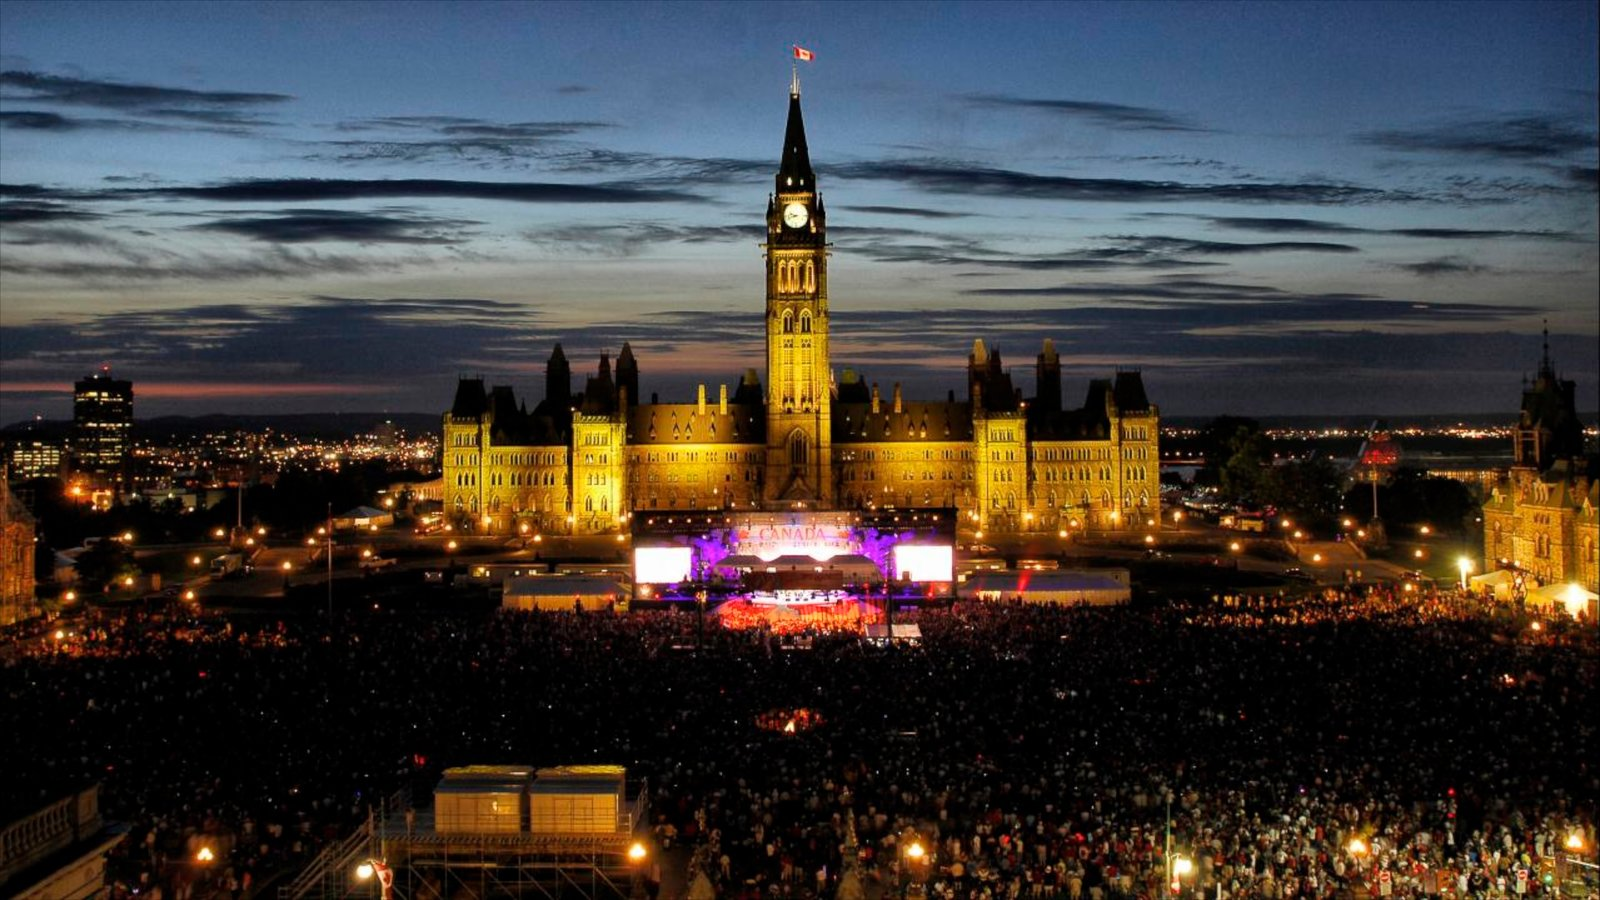 Ottawa que inclui uma cidade, um edifício administrativo e cenas noturnas